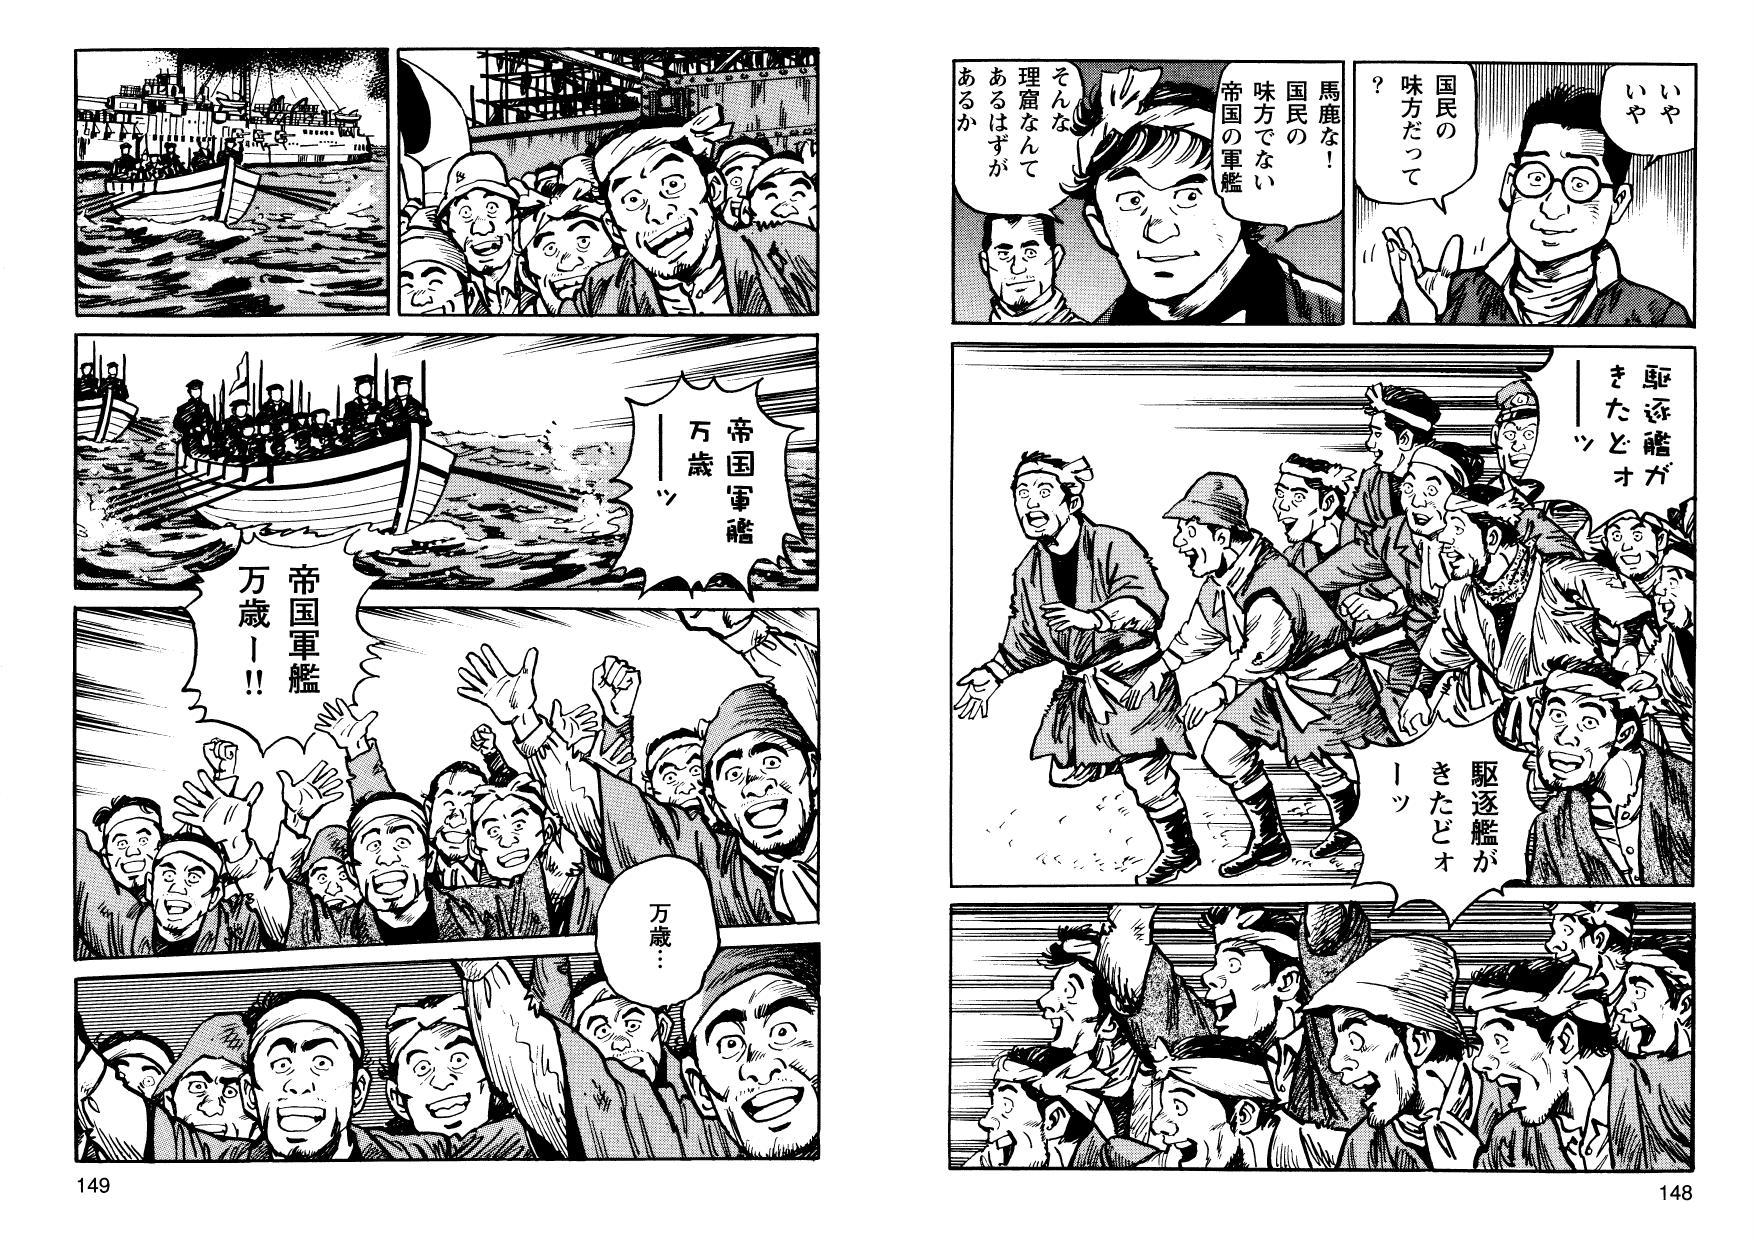 kani_cmc_000075.jpg